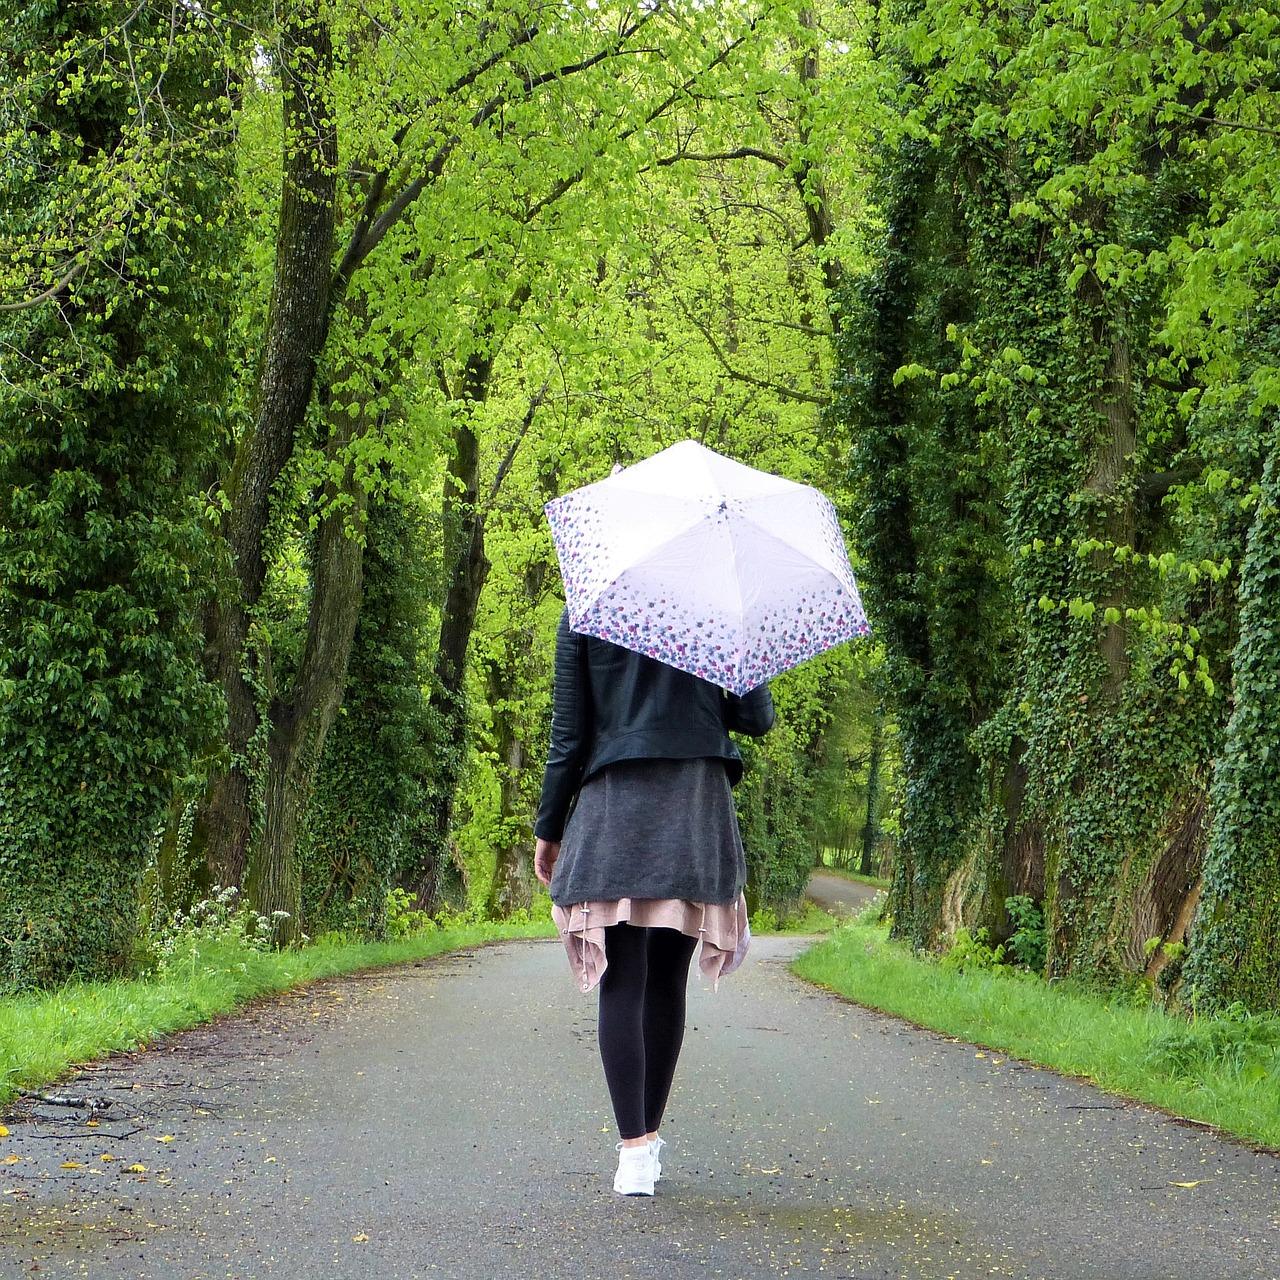 Ładny stojak na parasole